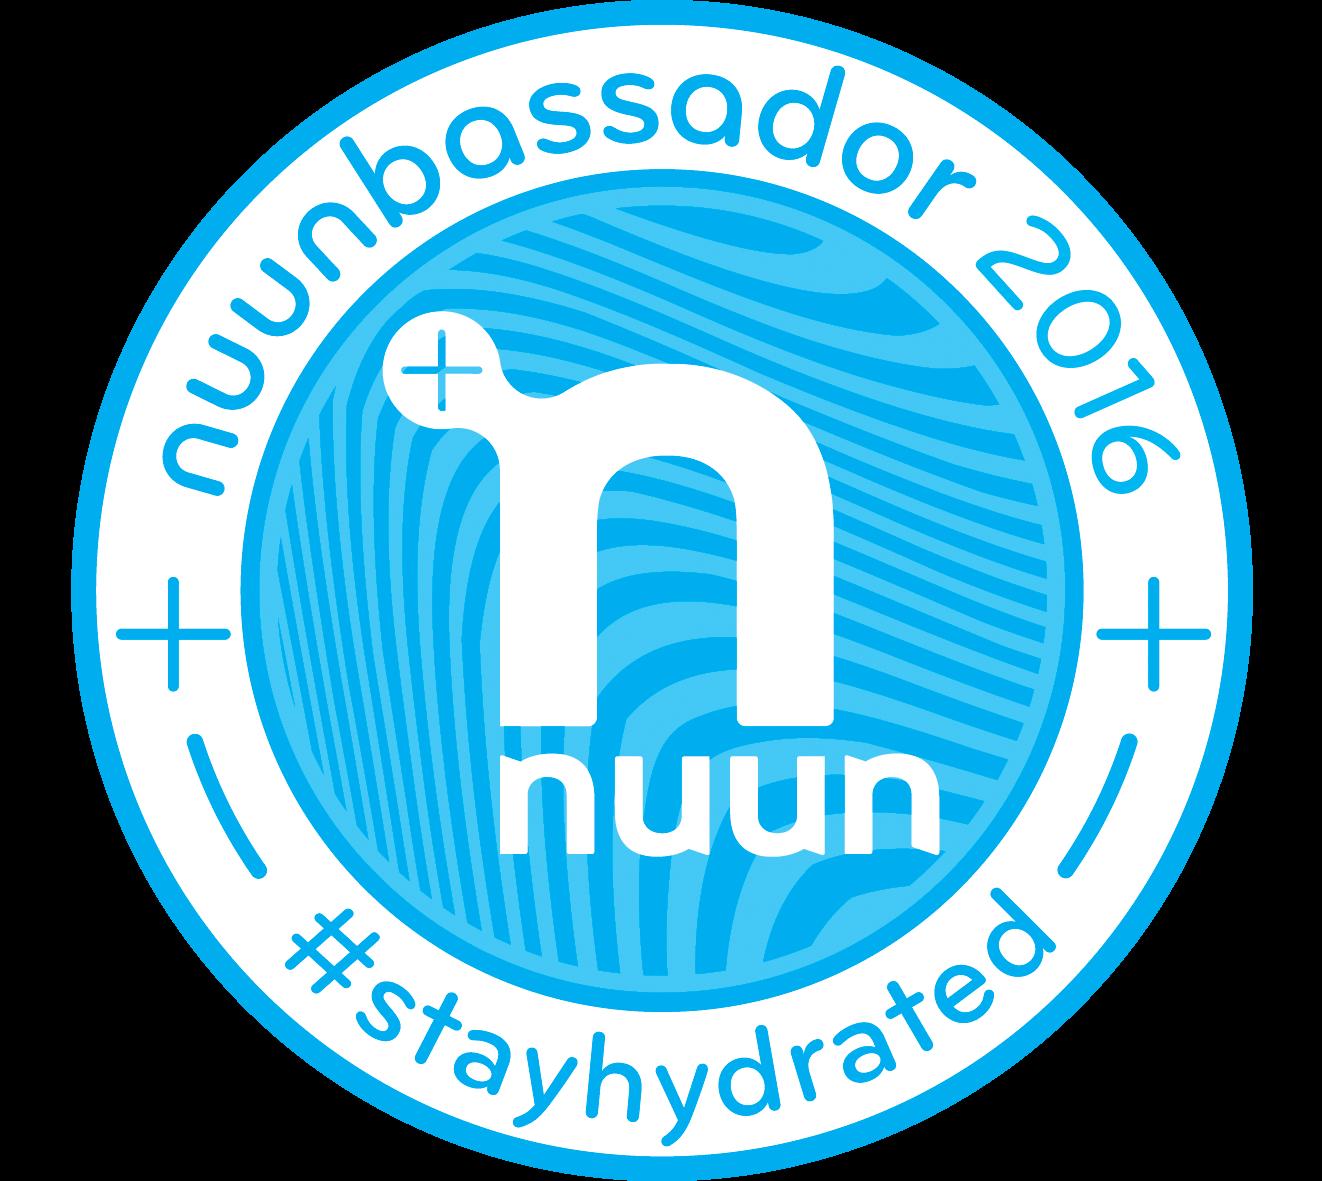 #nuunbassador